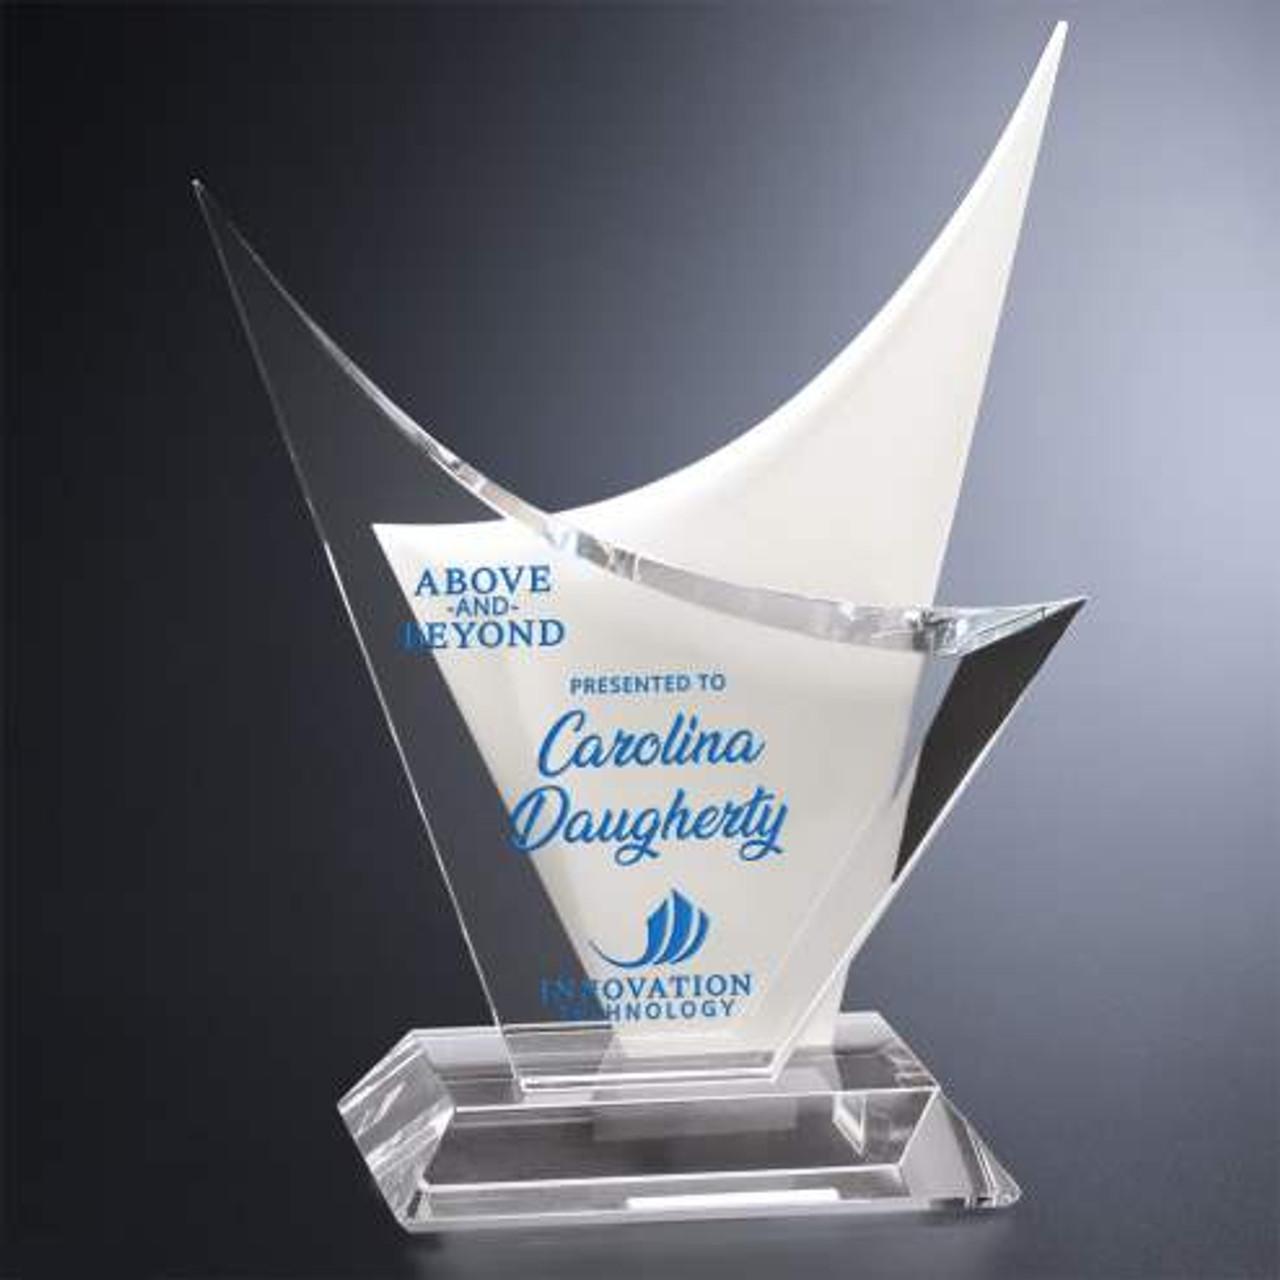 Voyager Award